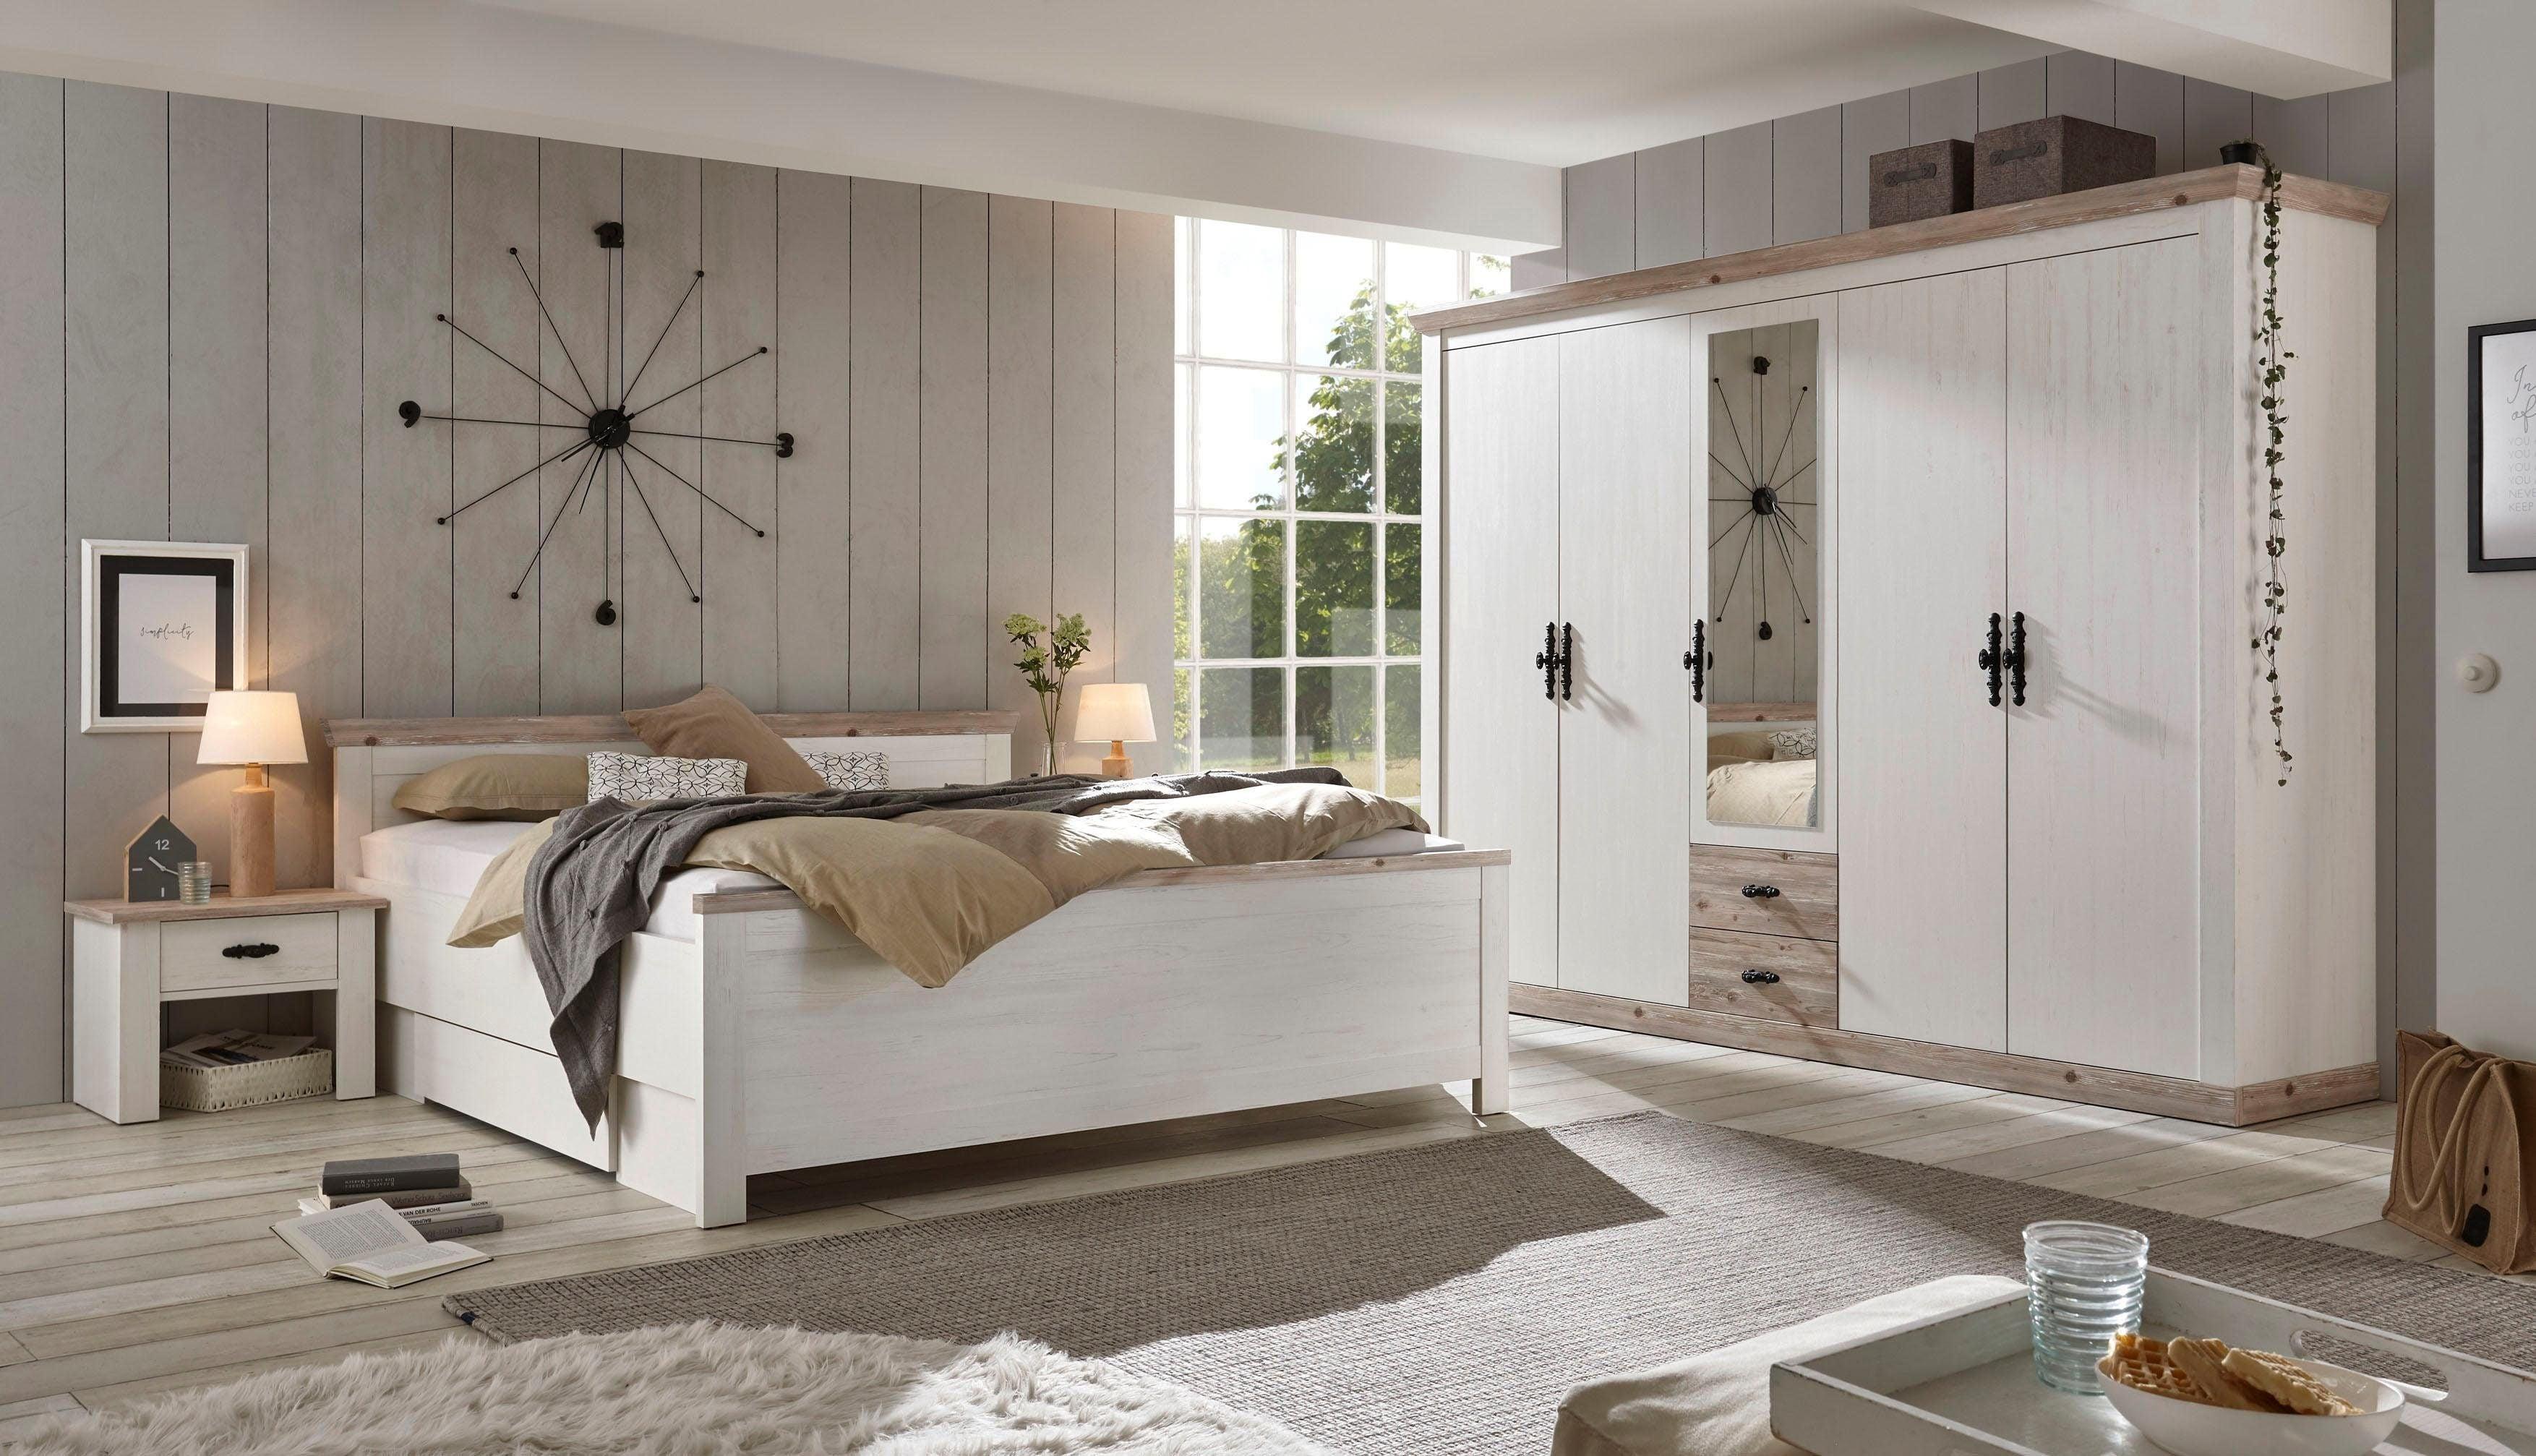 Home affaire Schlafzimmer-Set »Florenz« auf Rechnung bestellen | BAUR